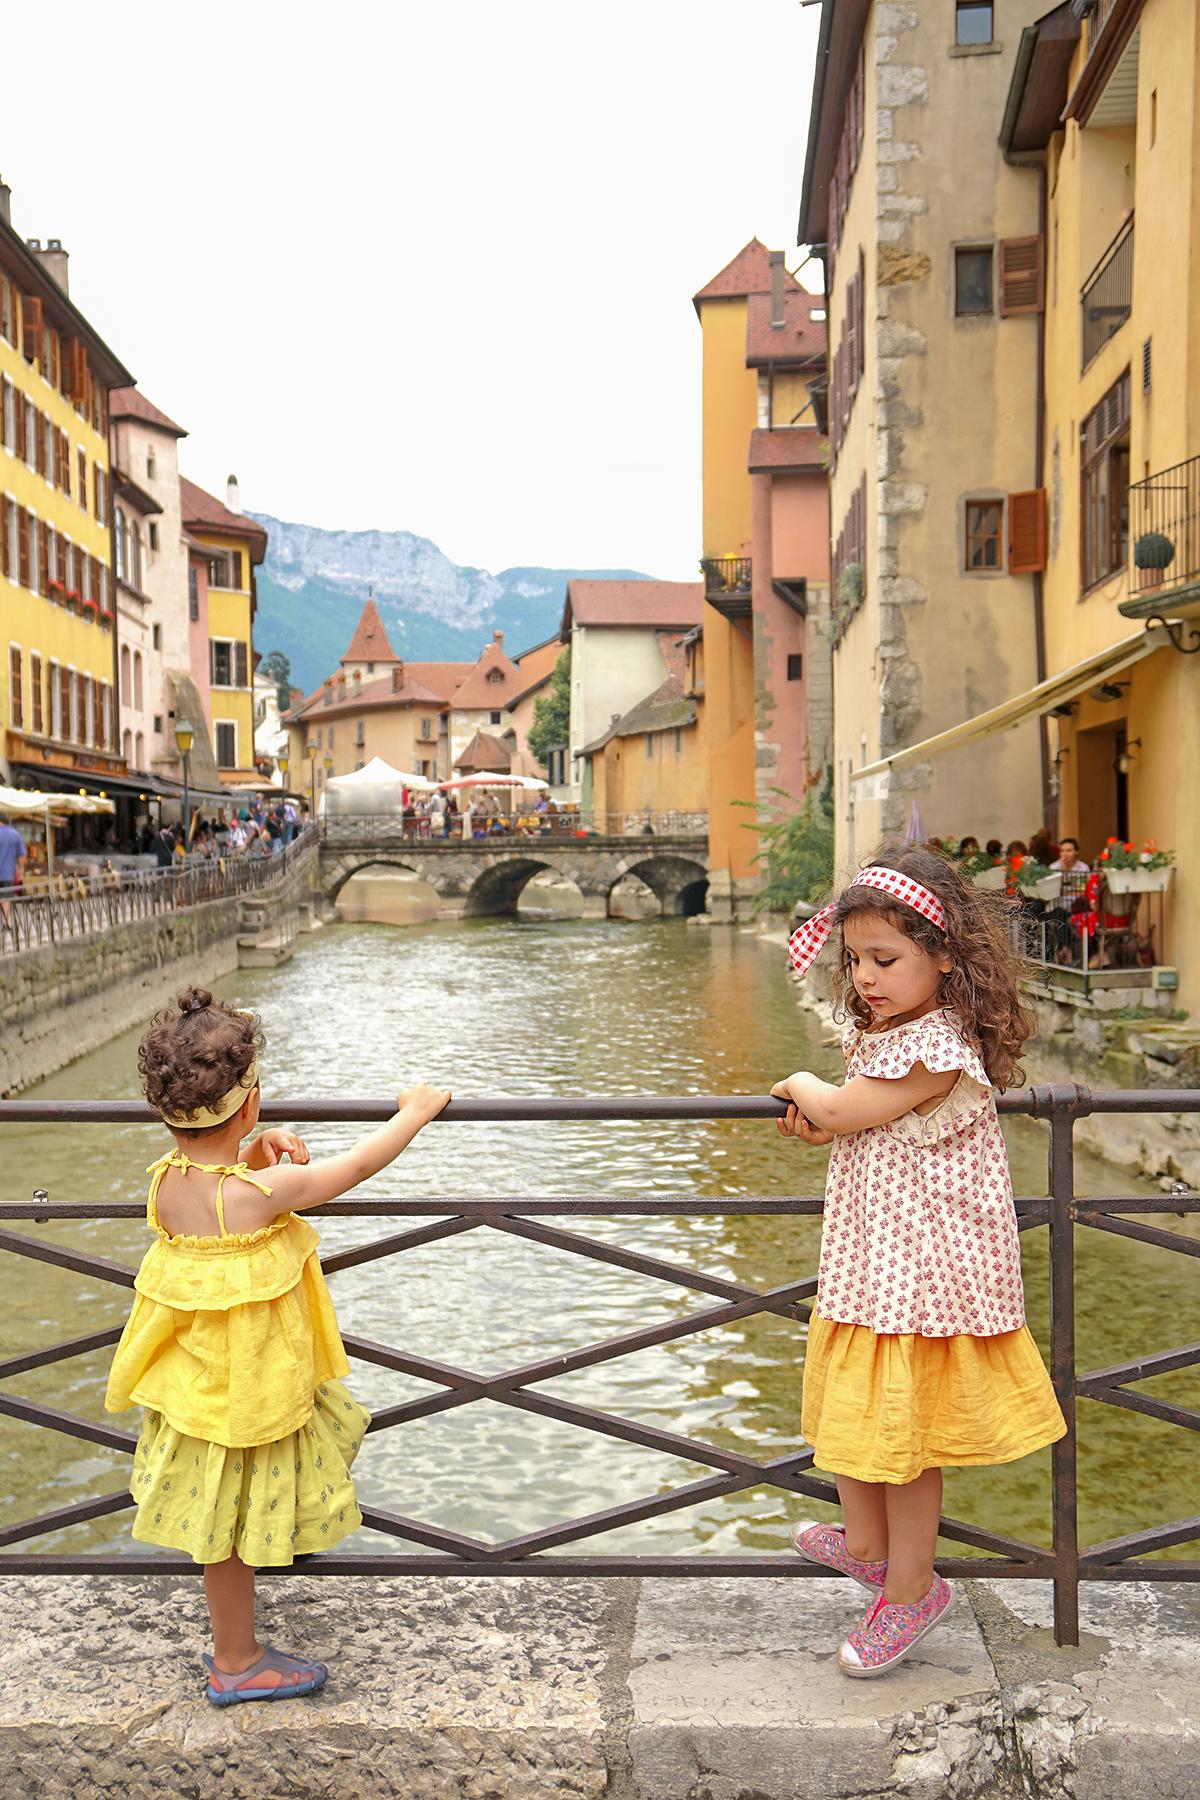 Petites filles Annecy le vieux, rivière du Thioux